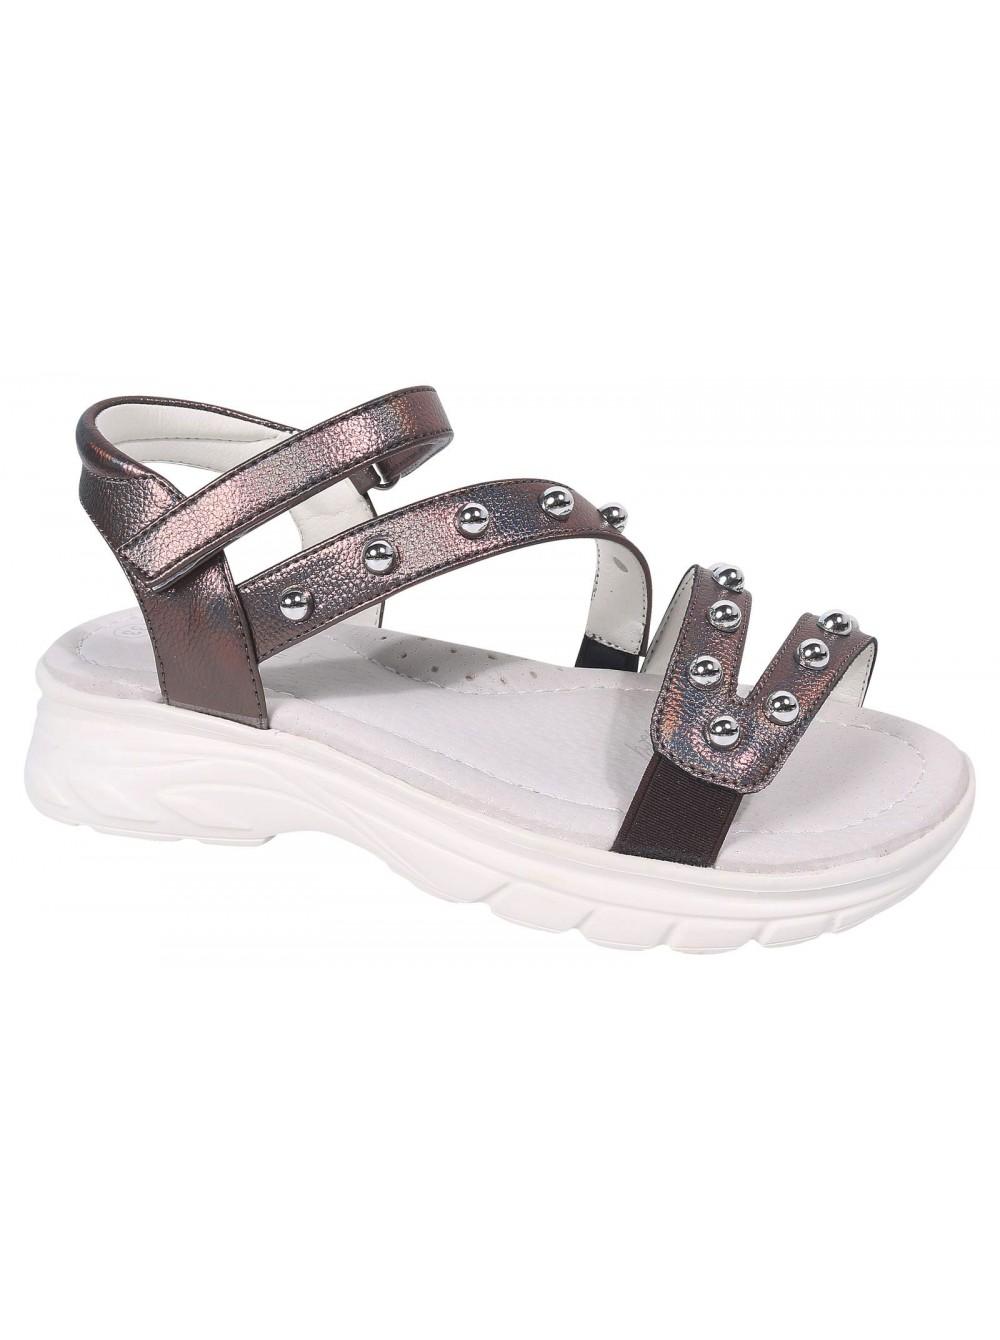 Туфли открытые Tom&Miki B-7241-C коричневый (33-37)